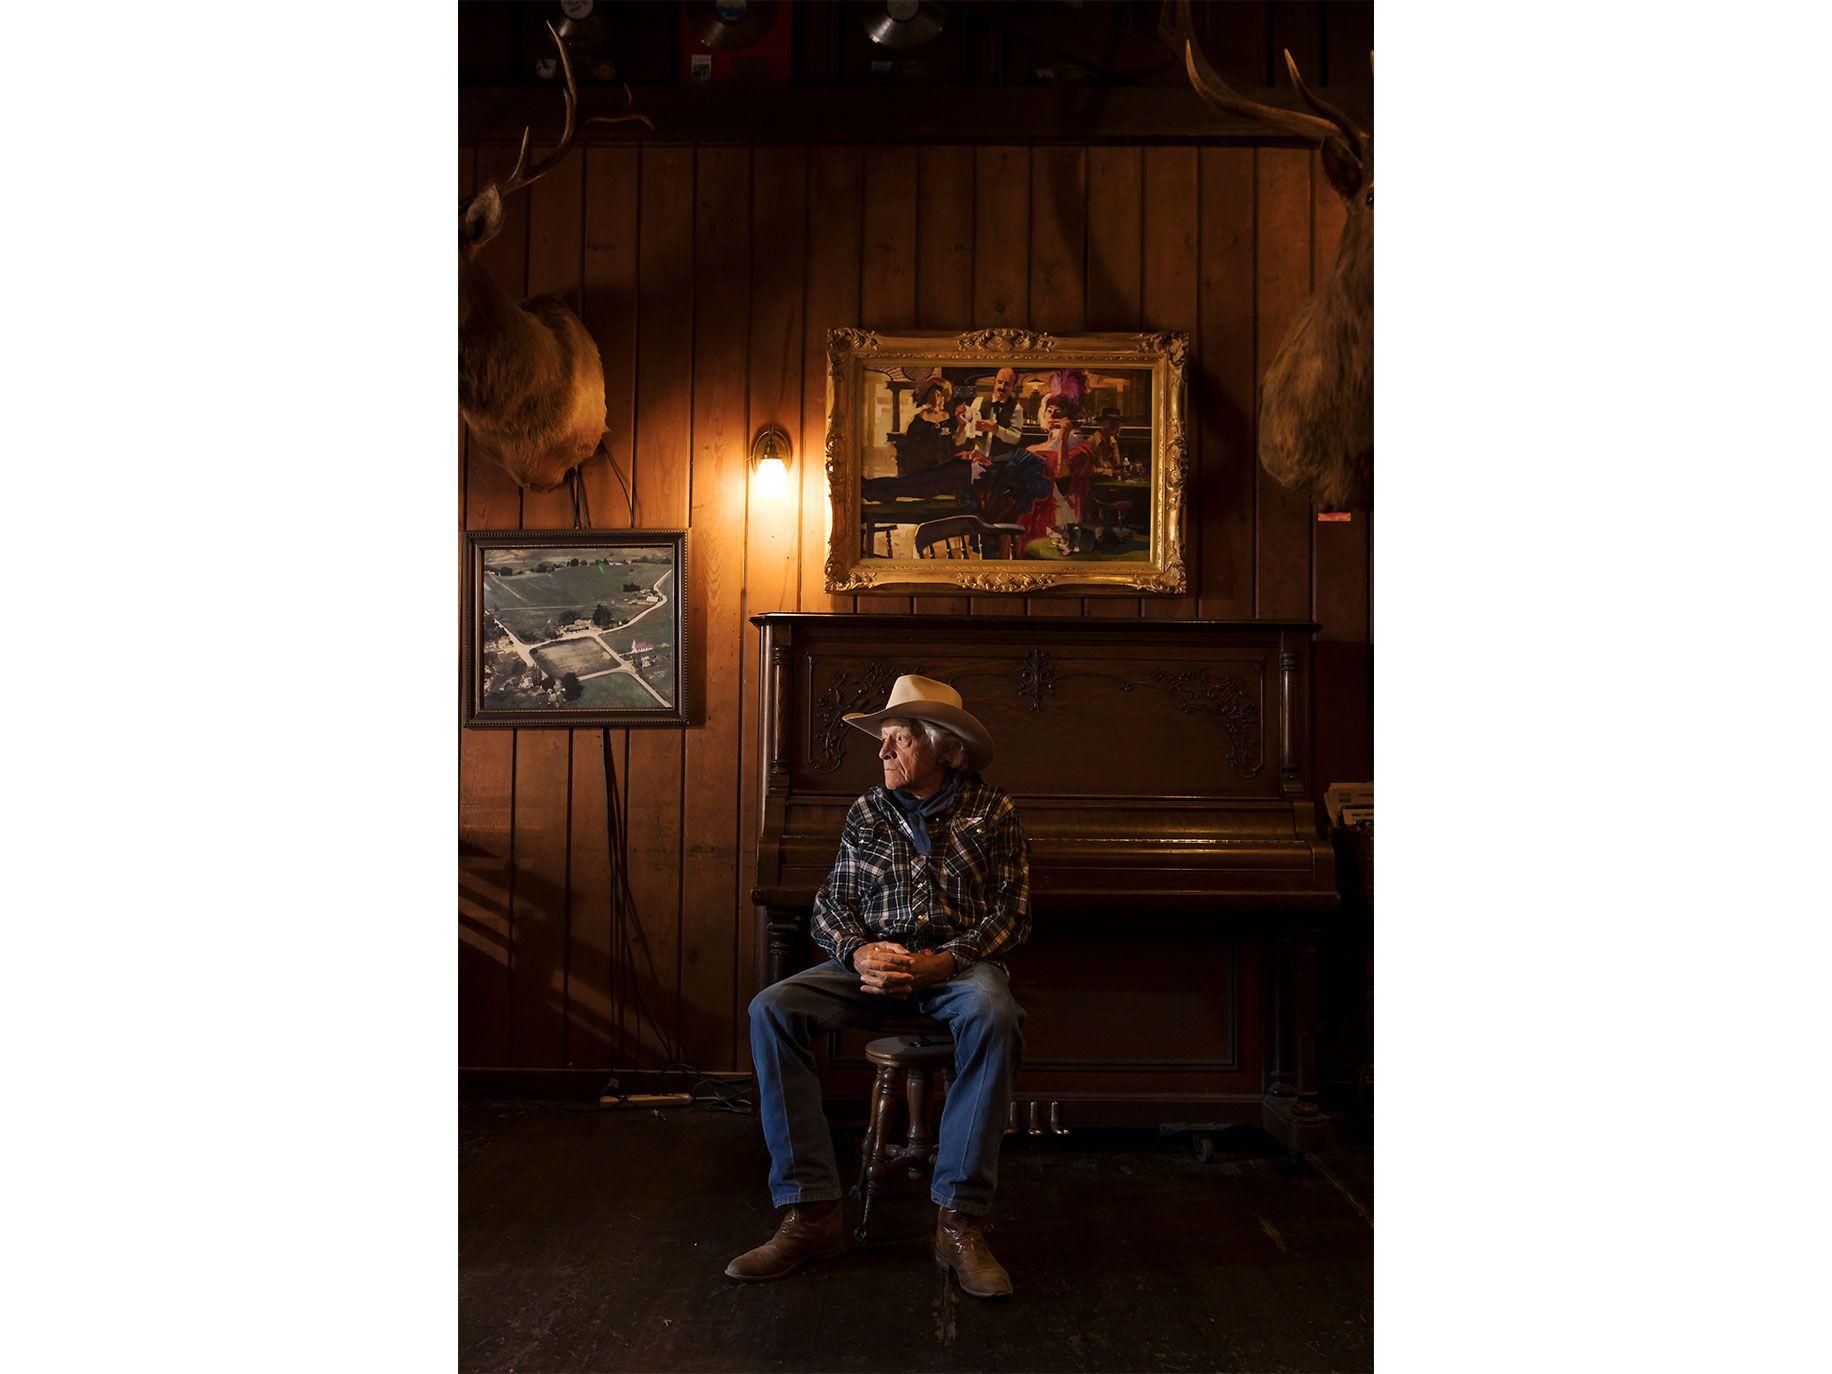 Ramblin' Jack Elliott has loved cowboys since he was a little boy.